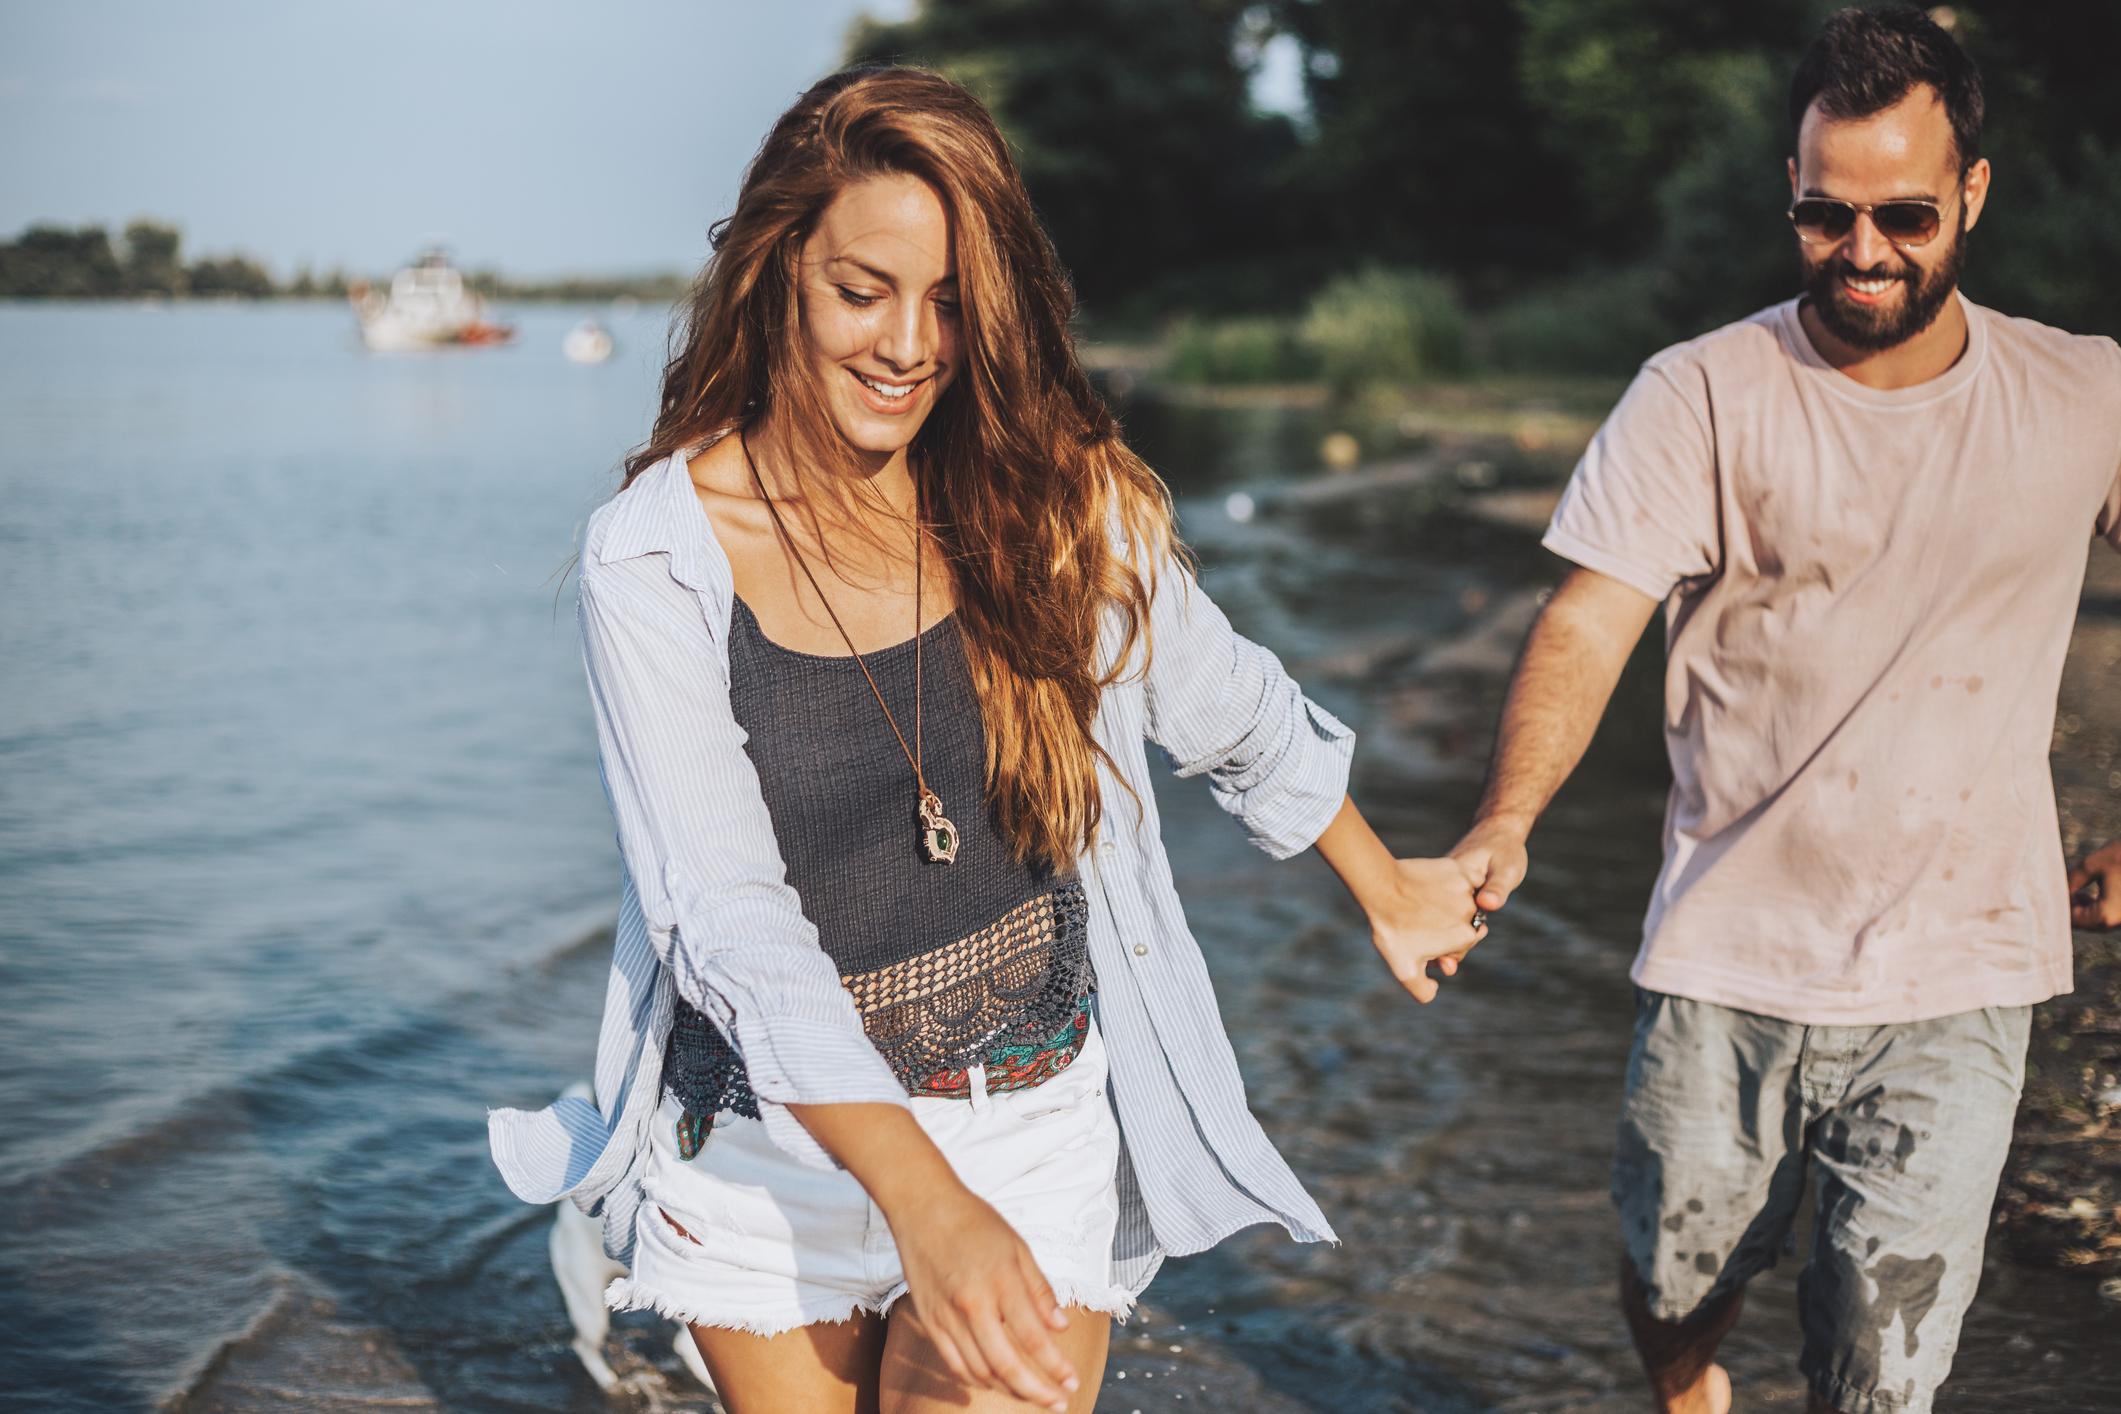 Često ne obraćamo pažnju na male stvari - one koje život čine ljepšim. Ne dozvolite da vam tako bude i s partnerom, njegovim znakovima pažnje, odanosti i ljubavi.